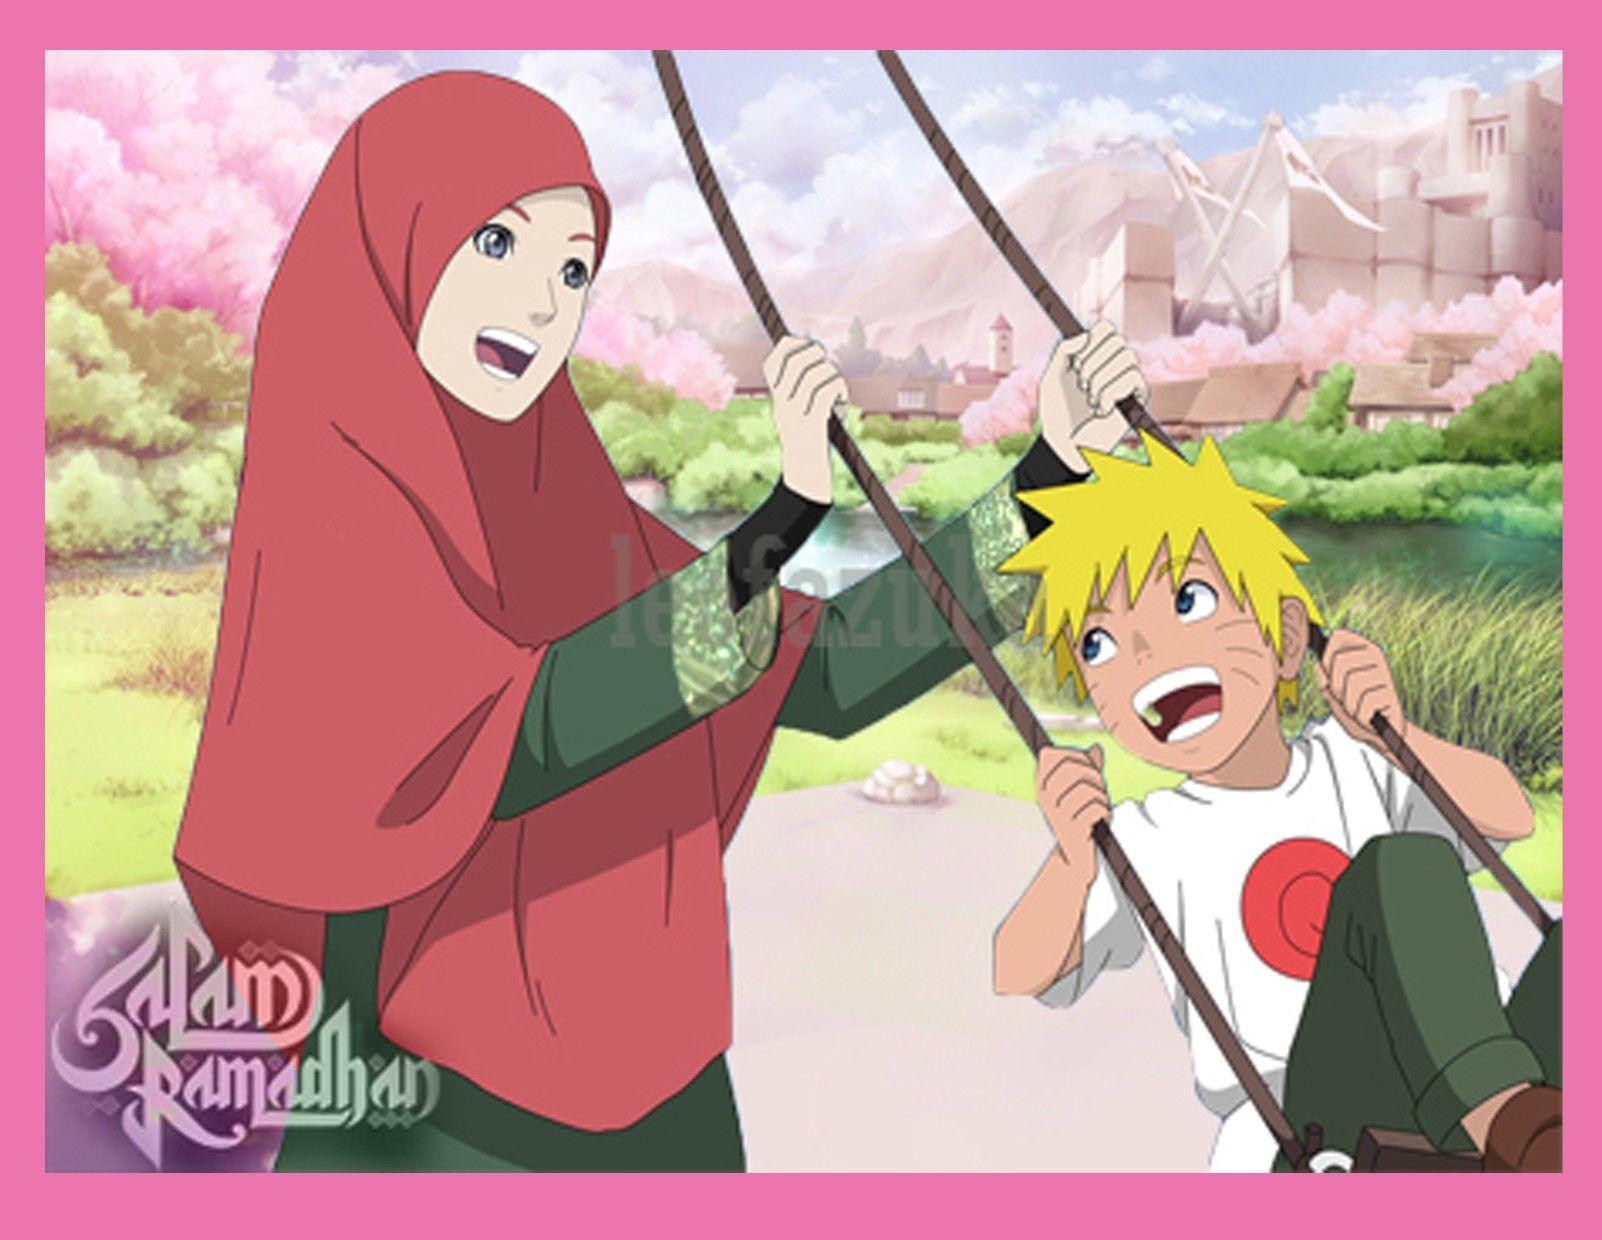 Salam ramadhan salam ramadhan ramadan naruto shippuden ninja family guy ninjas